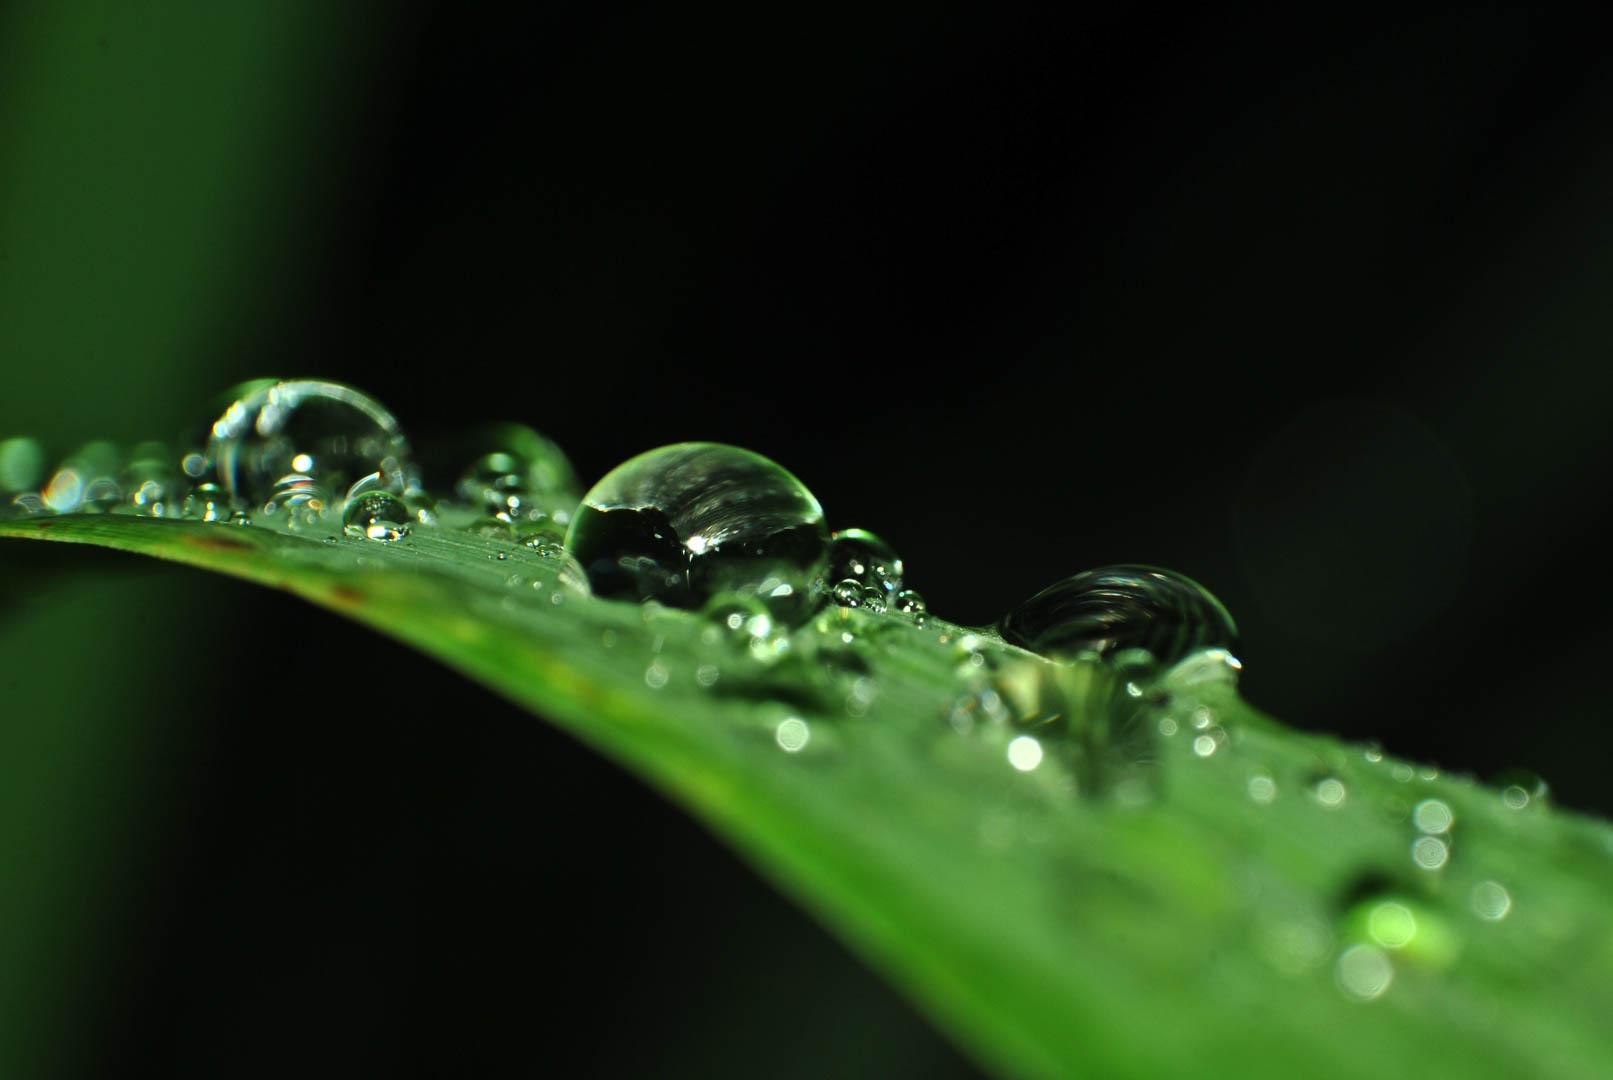 Agua sobre una planta